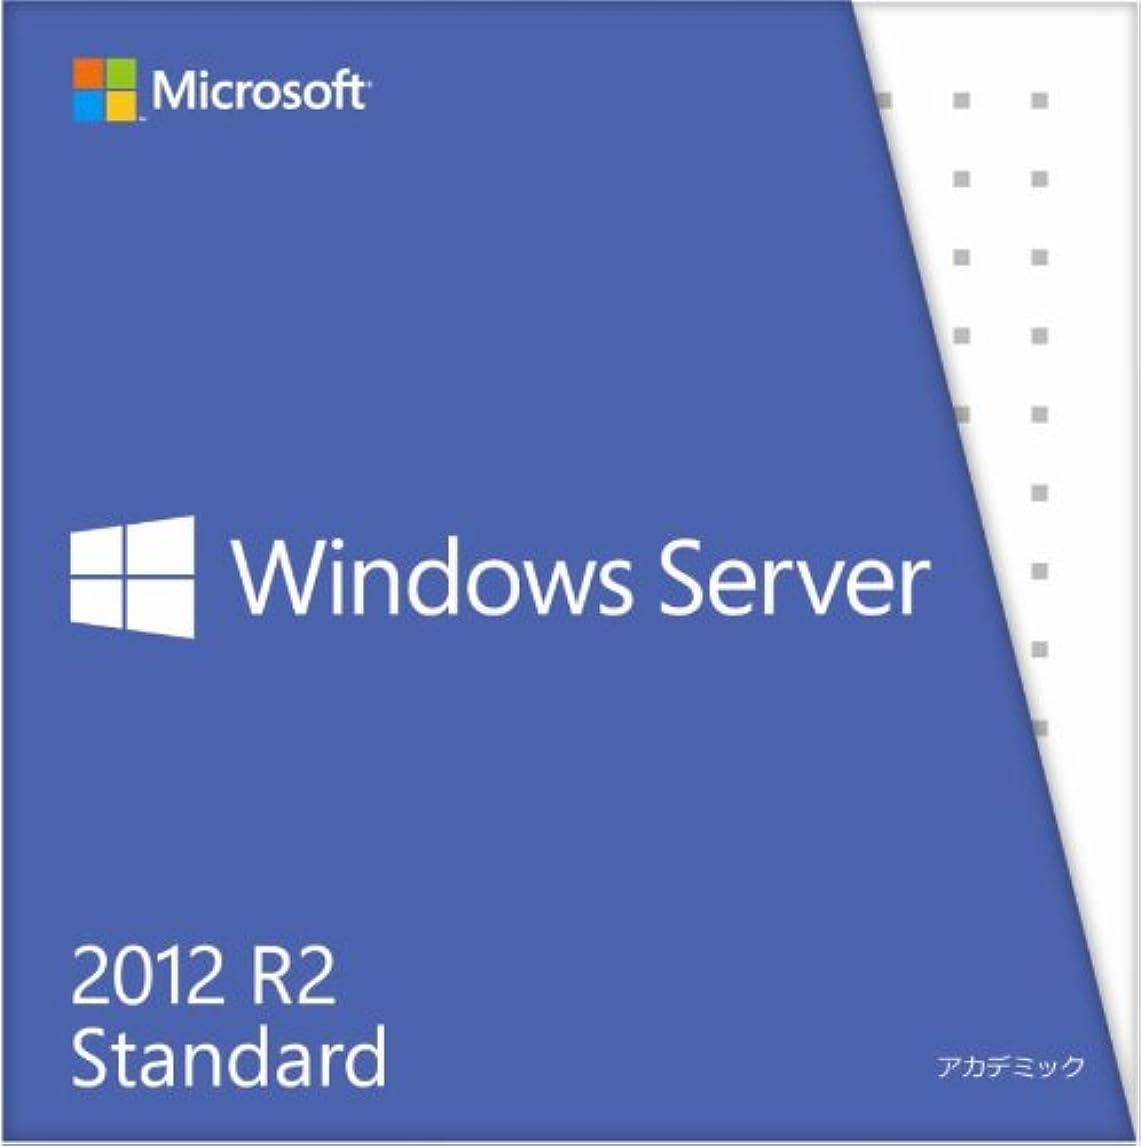 マングル確認かすれたWindows Server 2012 R2 Standard 日本語版 アカデミック10 CAL付